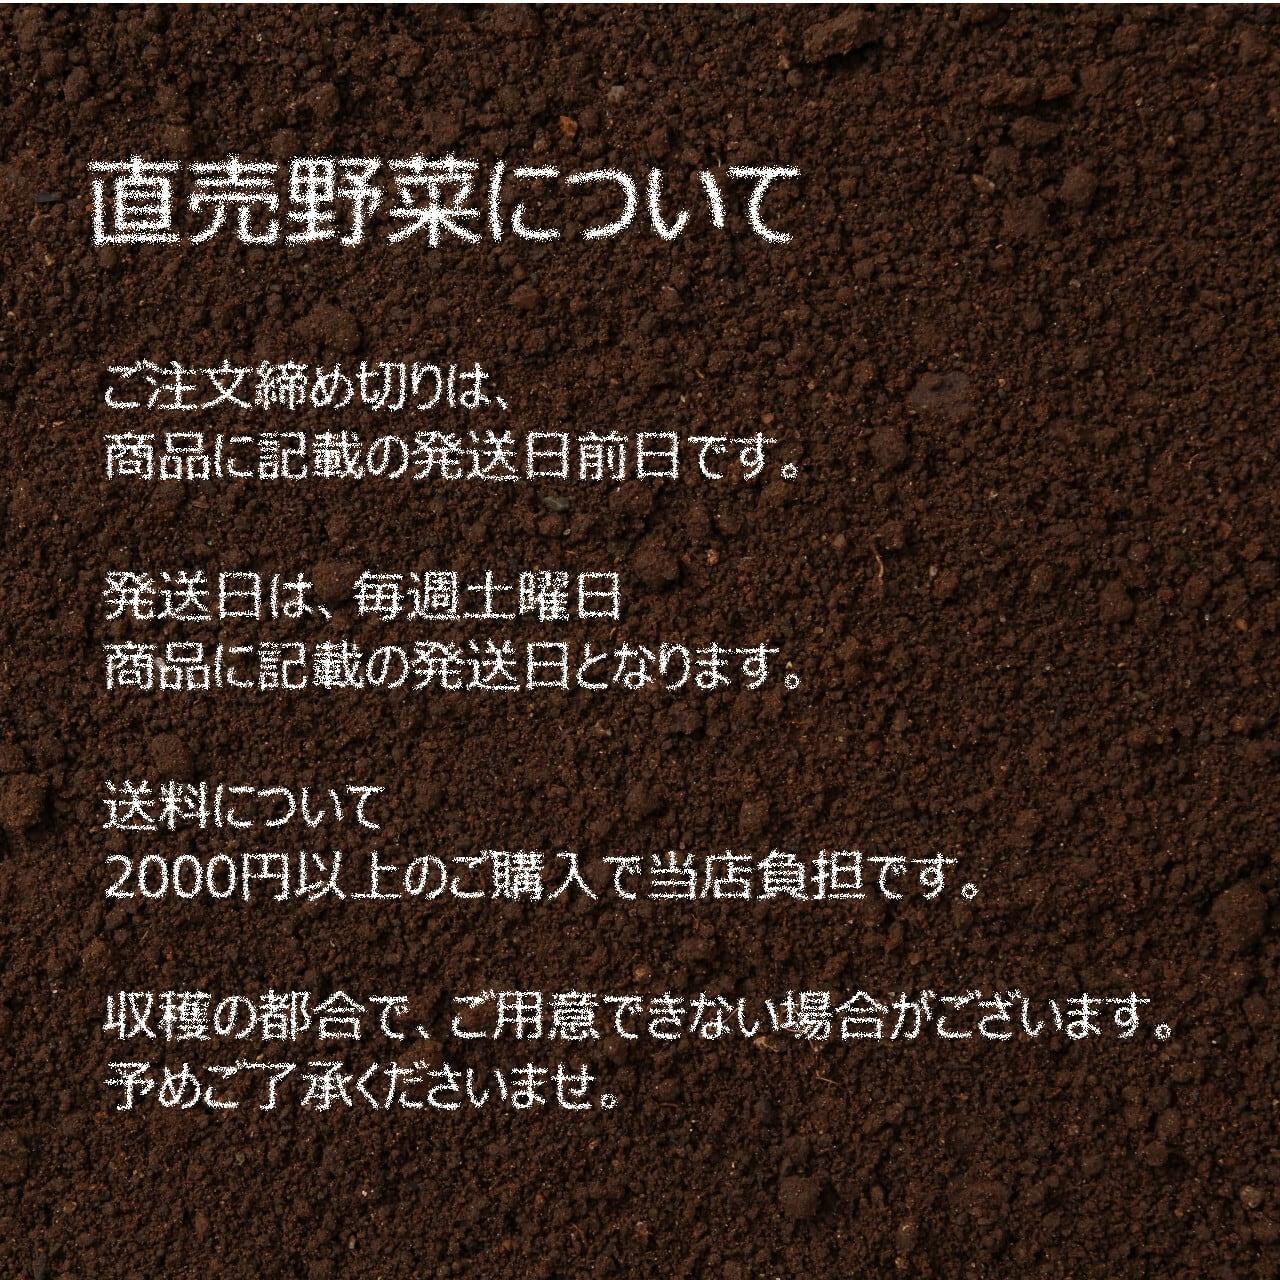 新鮮な夏野菜 : ニンニク 約3~4個 8月の朝採り直売野菜 8月29日発送予定